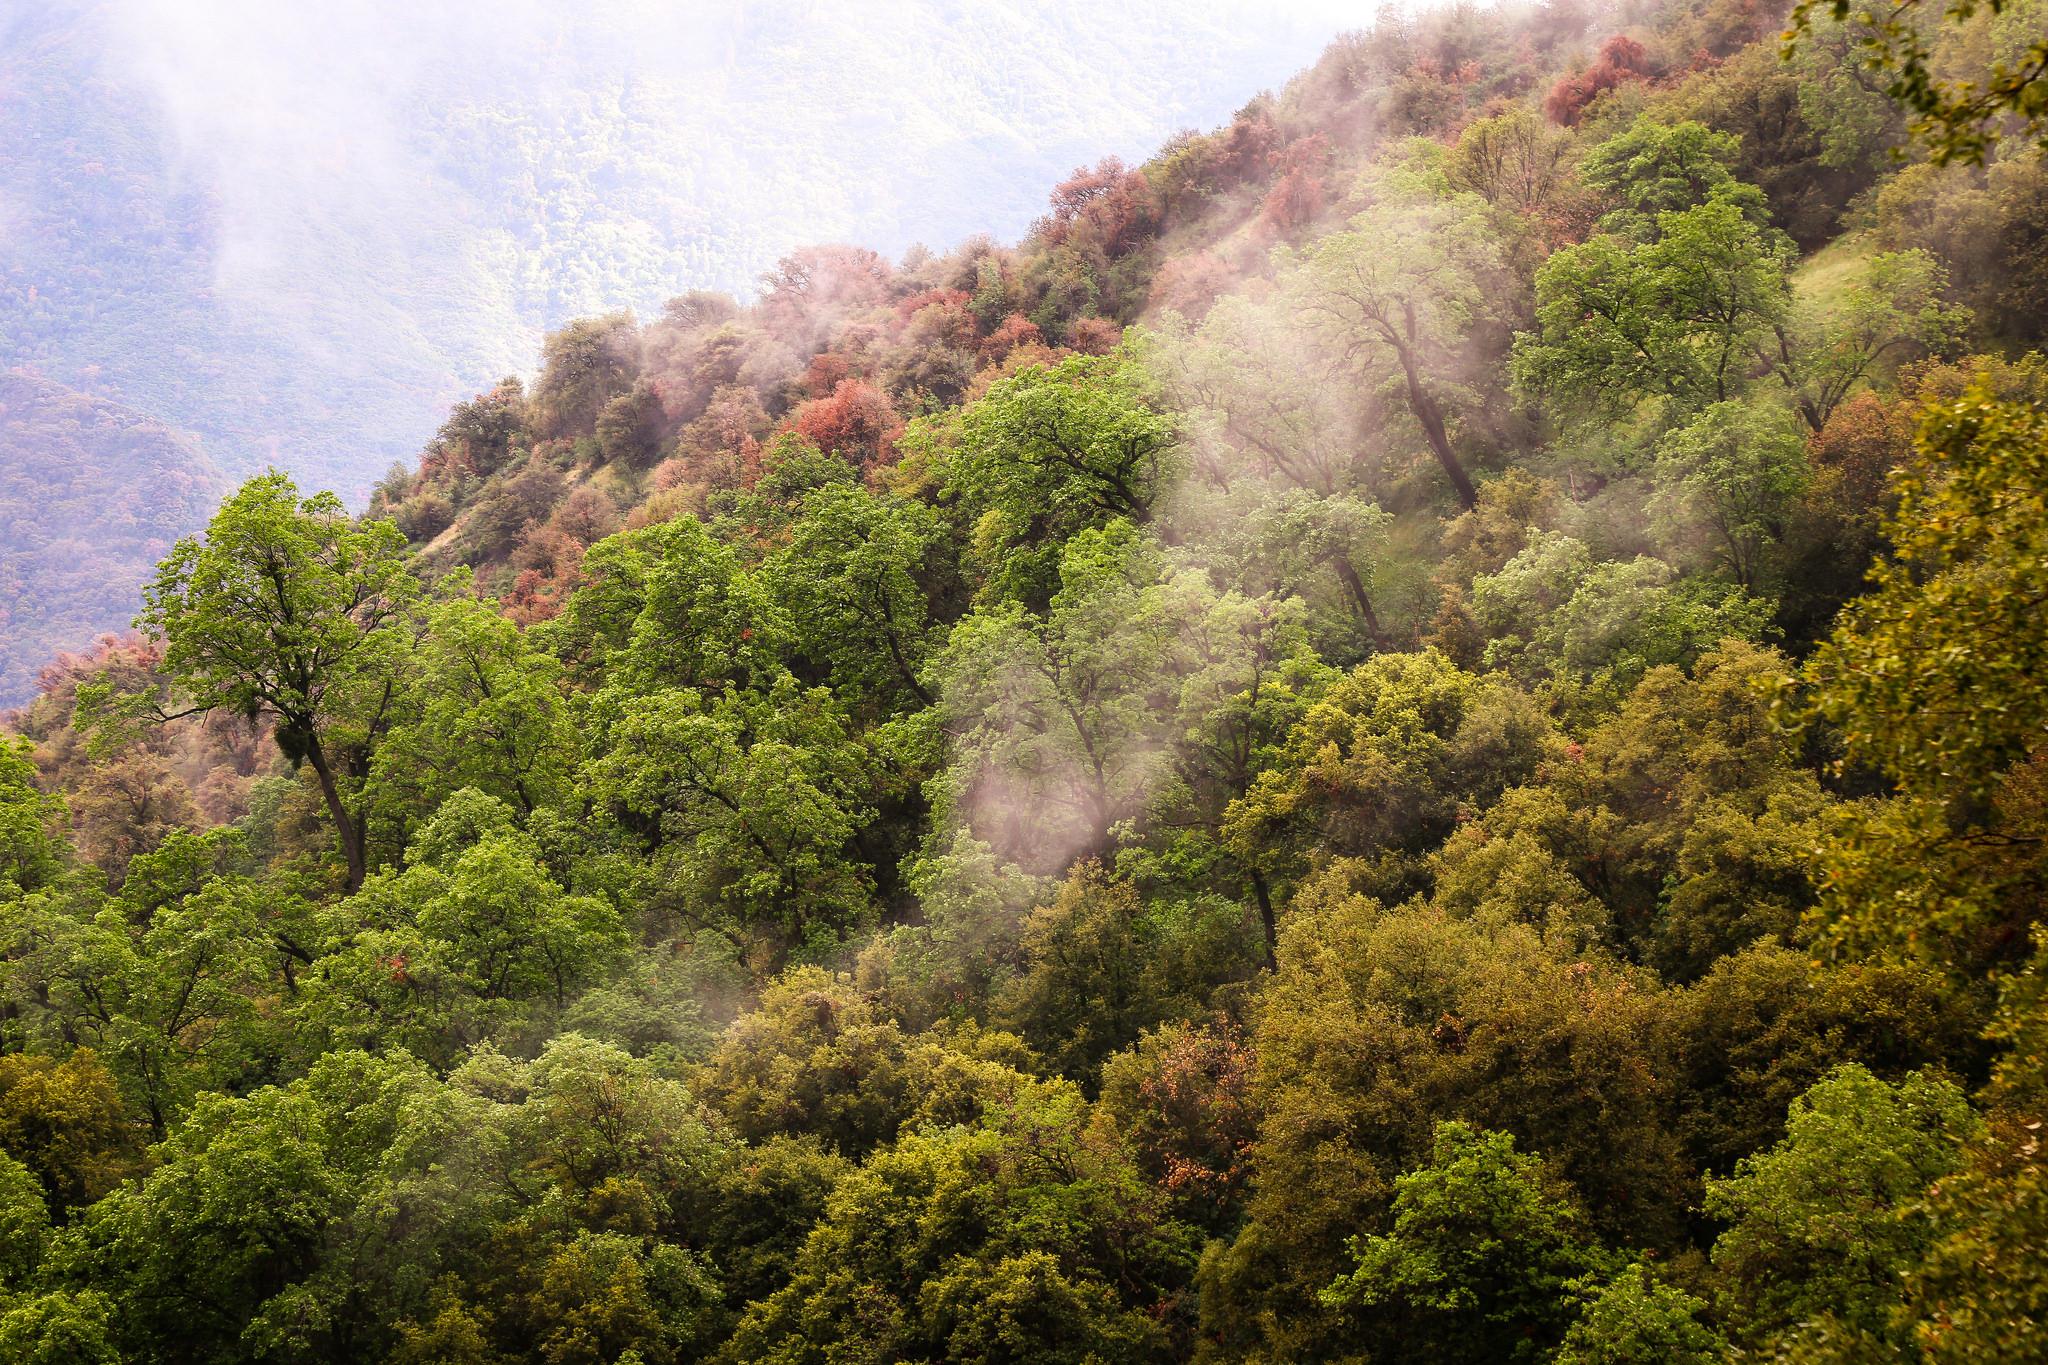 Arboles hermosos y nubes - 2048x1365